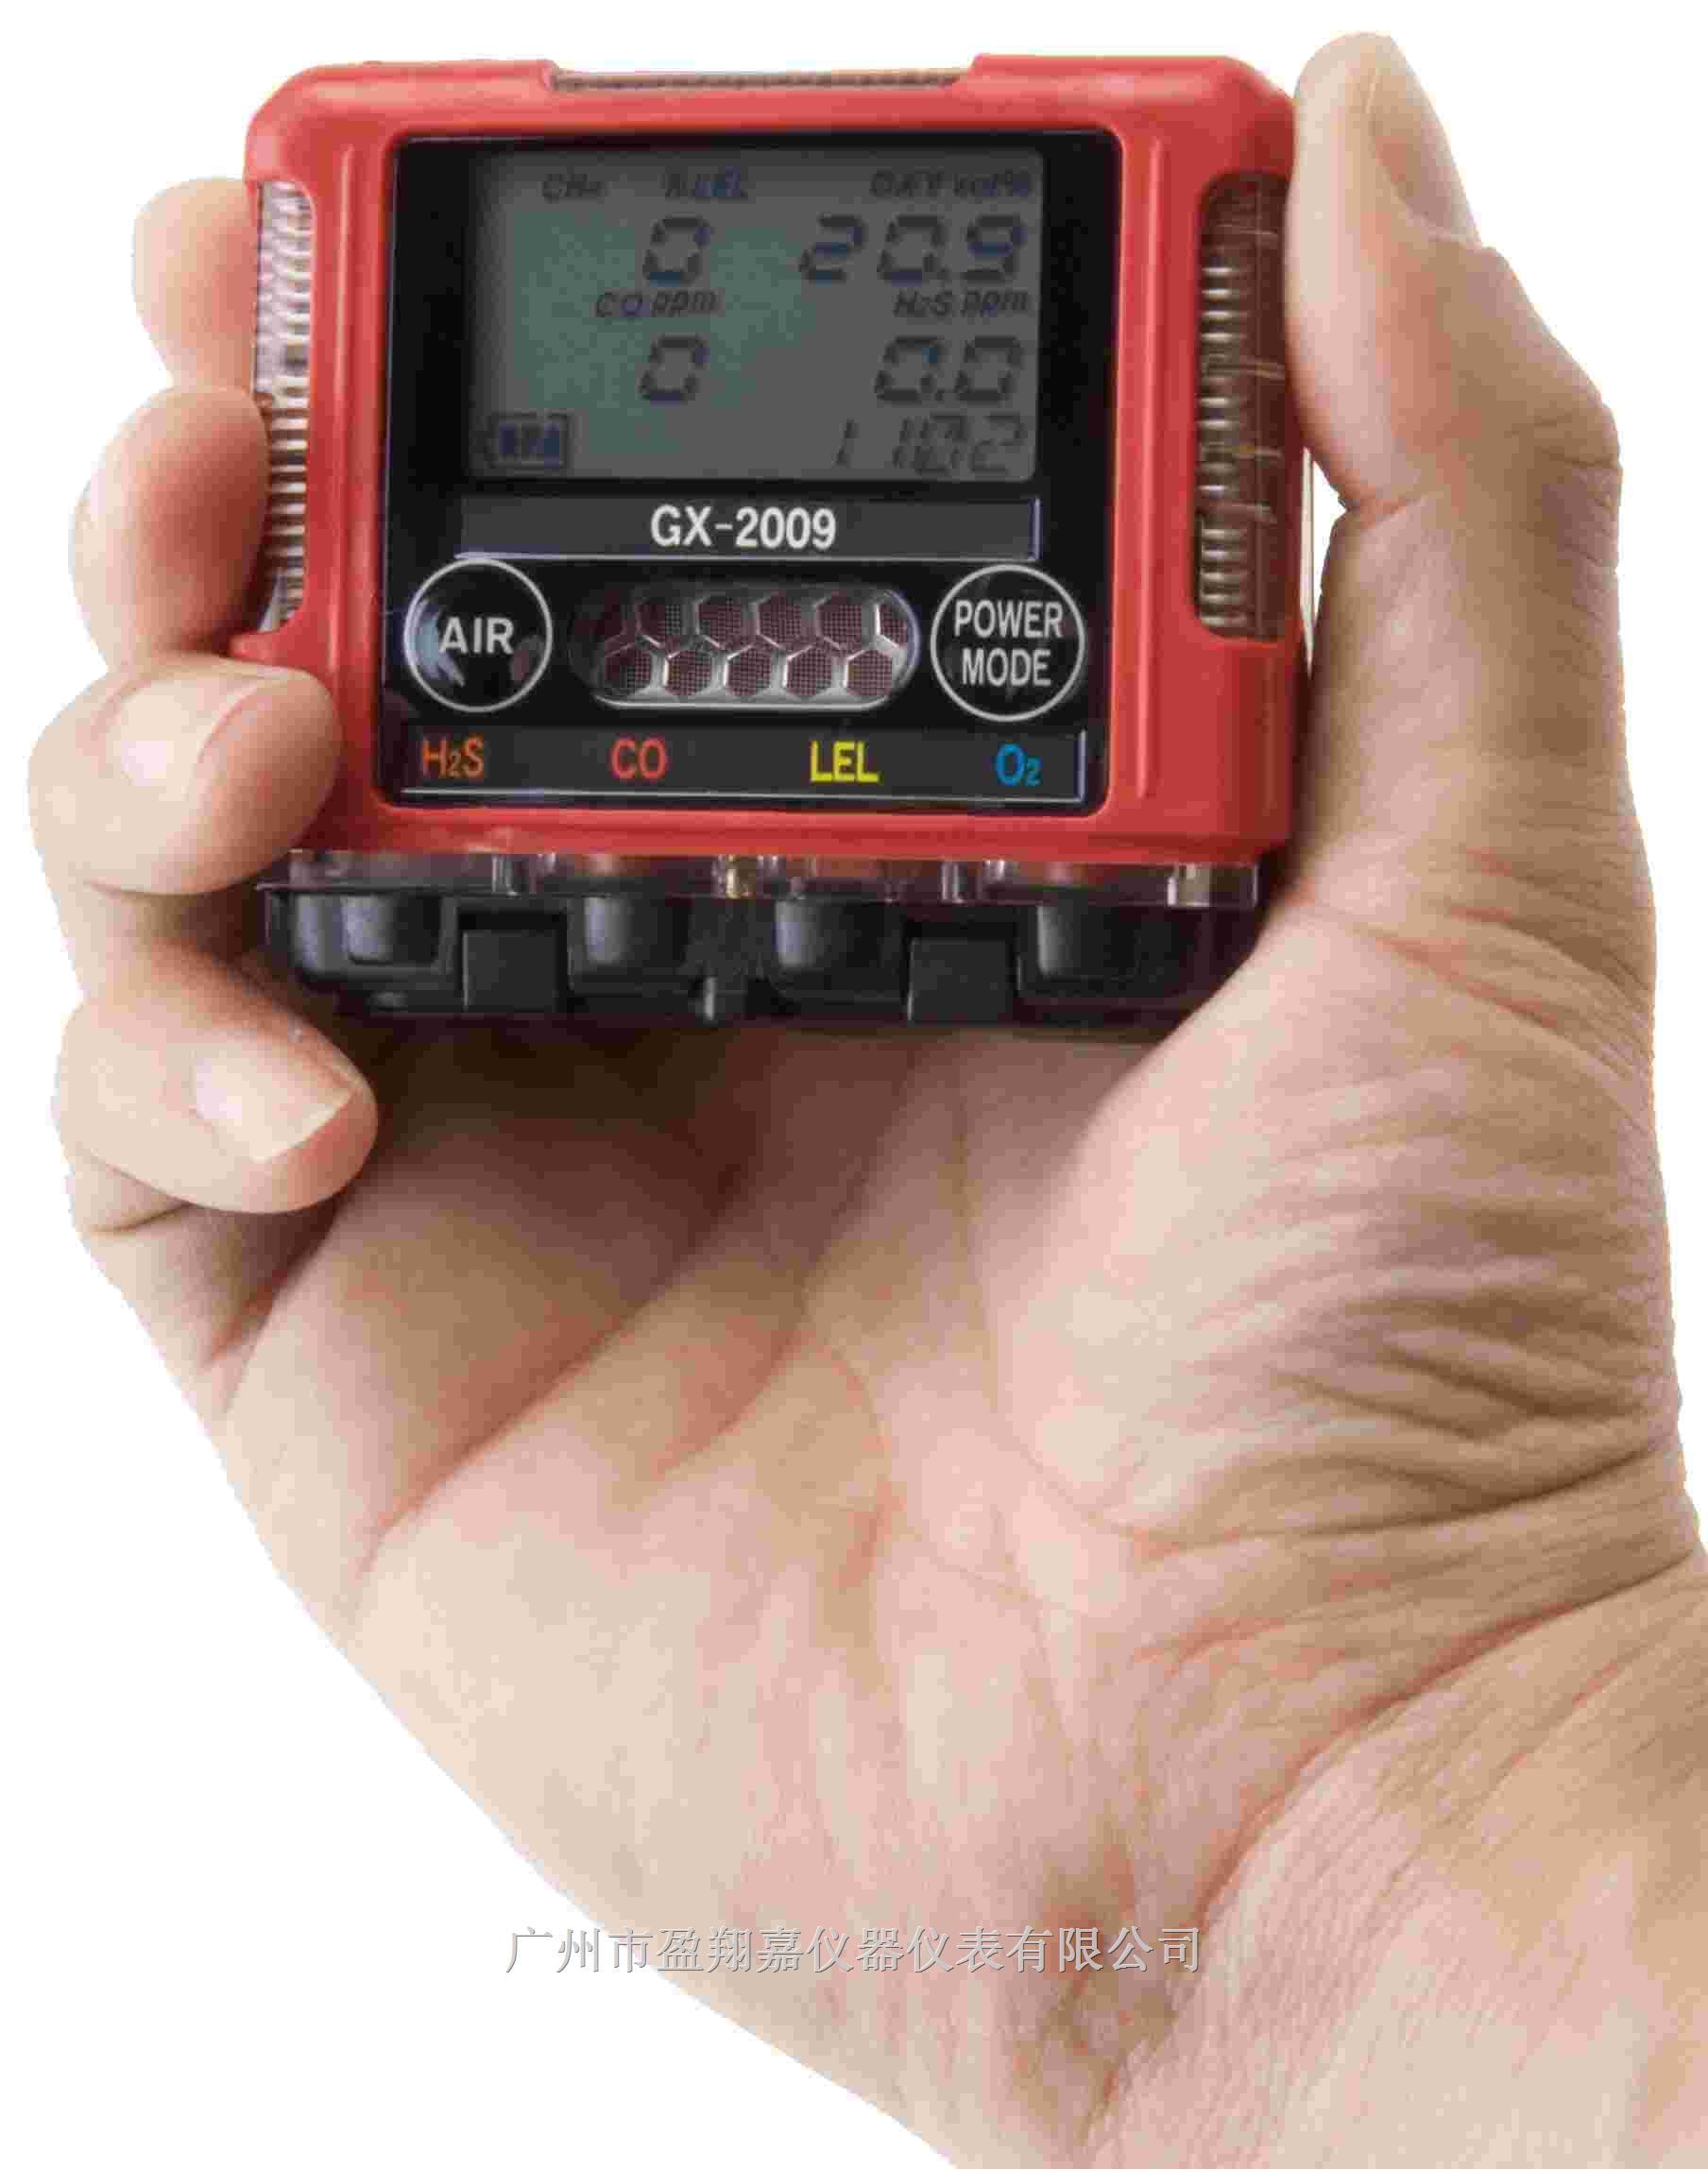 便携式四合一气体检测仪GX-2009